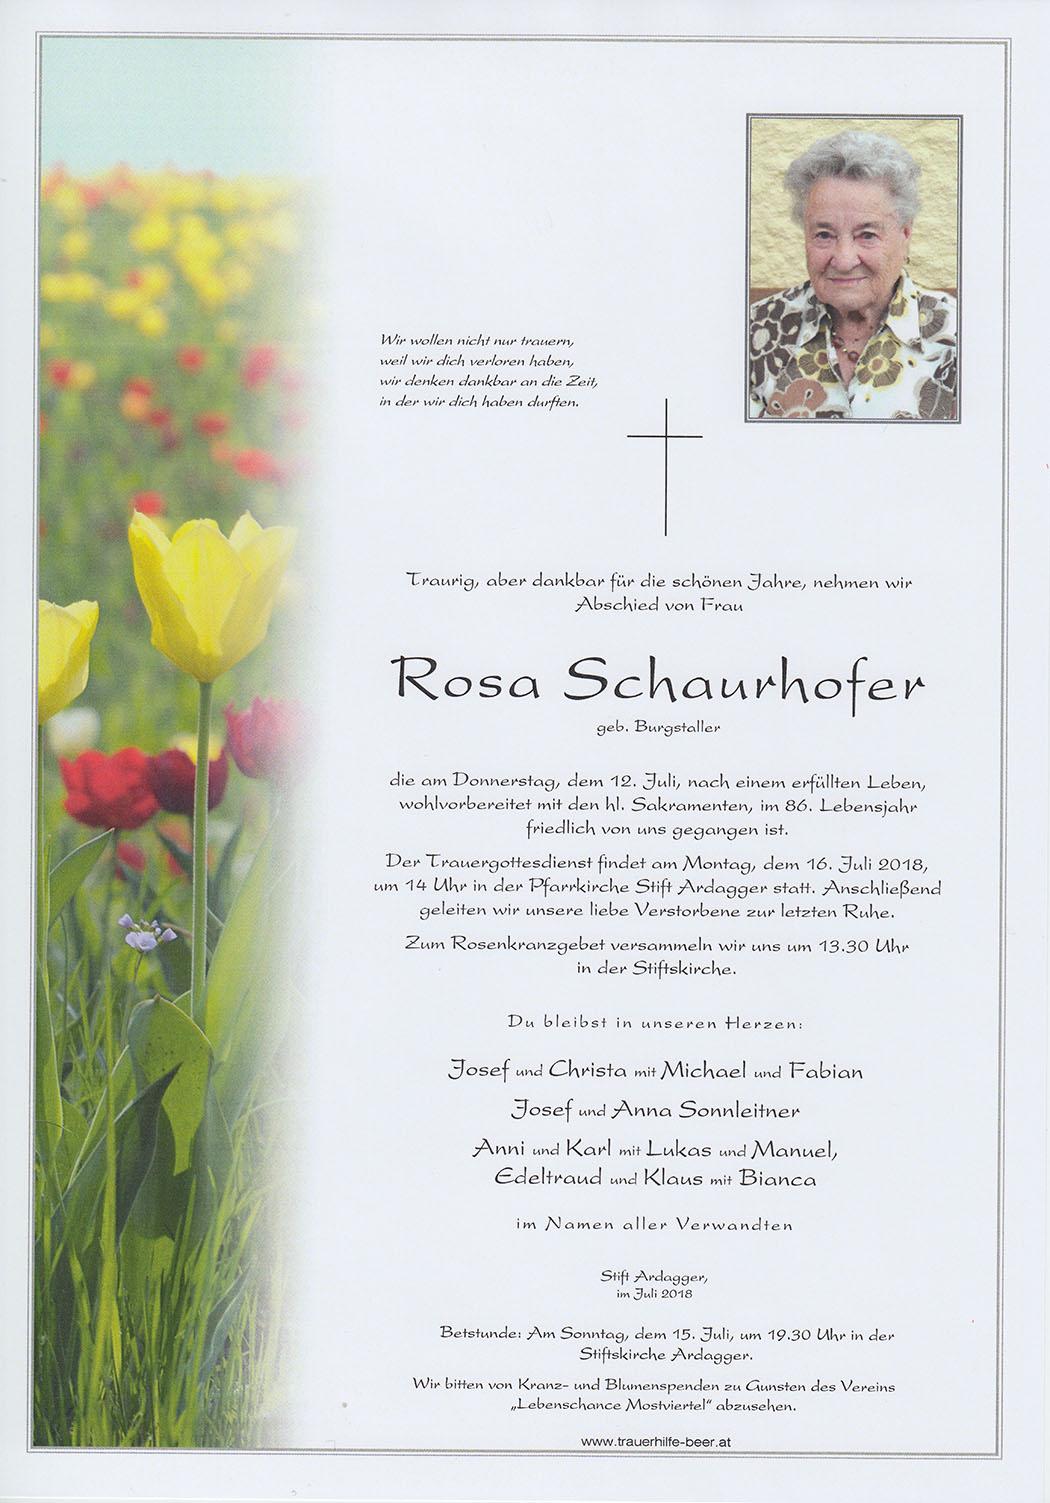 Rosa Schaurhofer